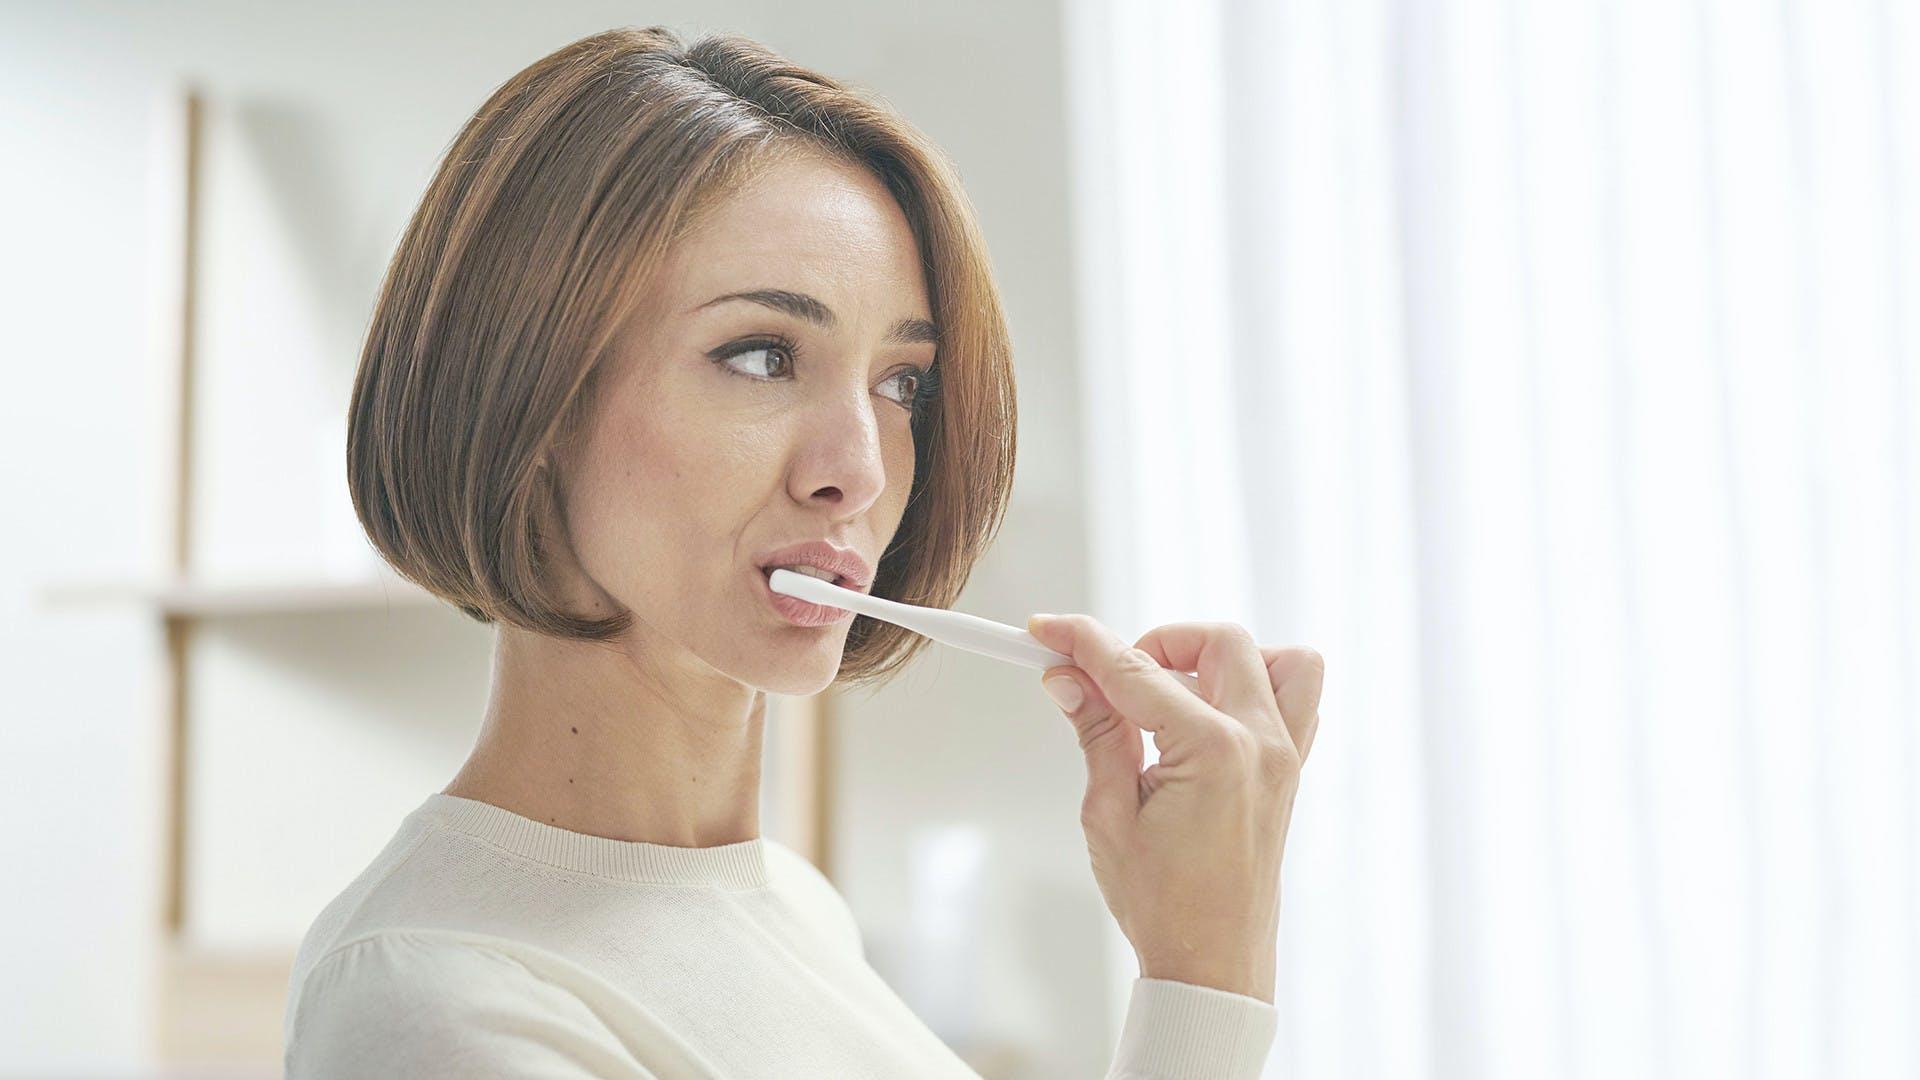 Žena, která si zuby čistí zubní pastou Parodontax Kompletní ochrana